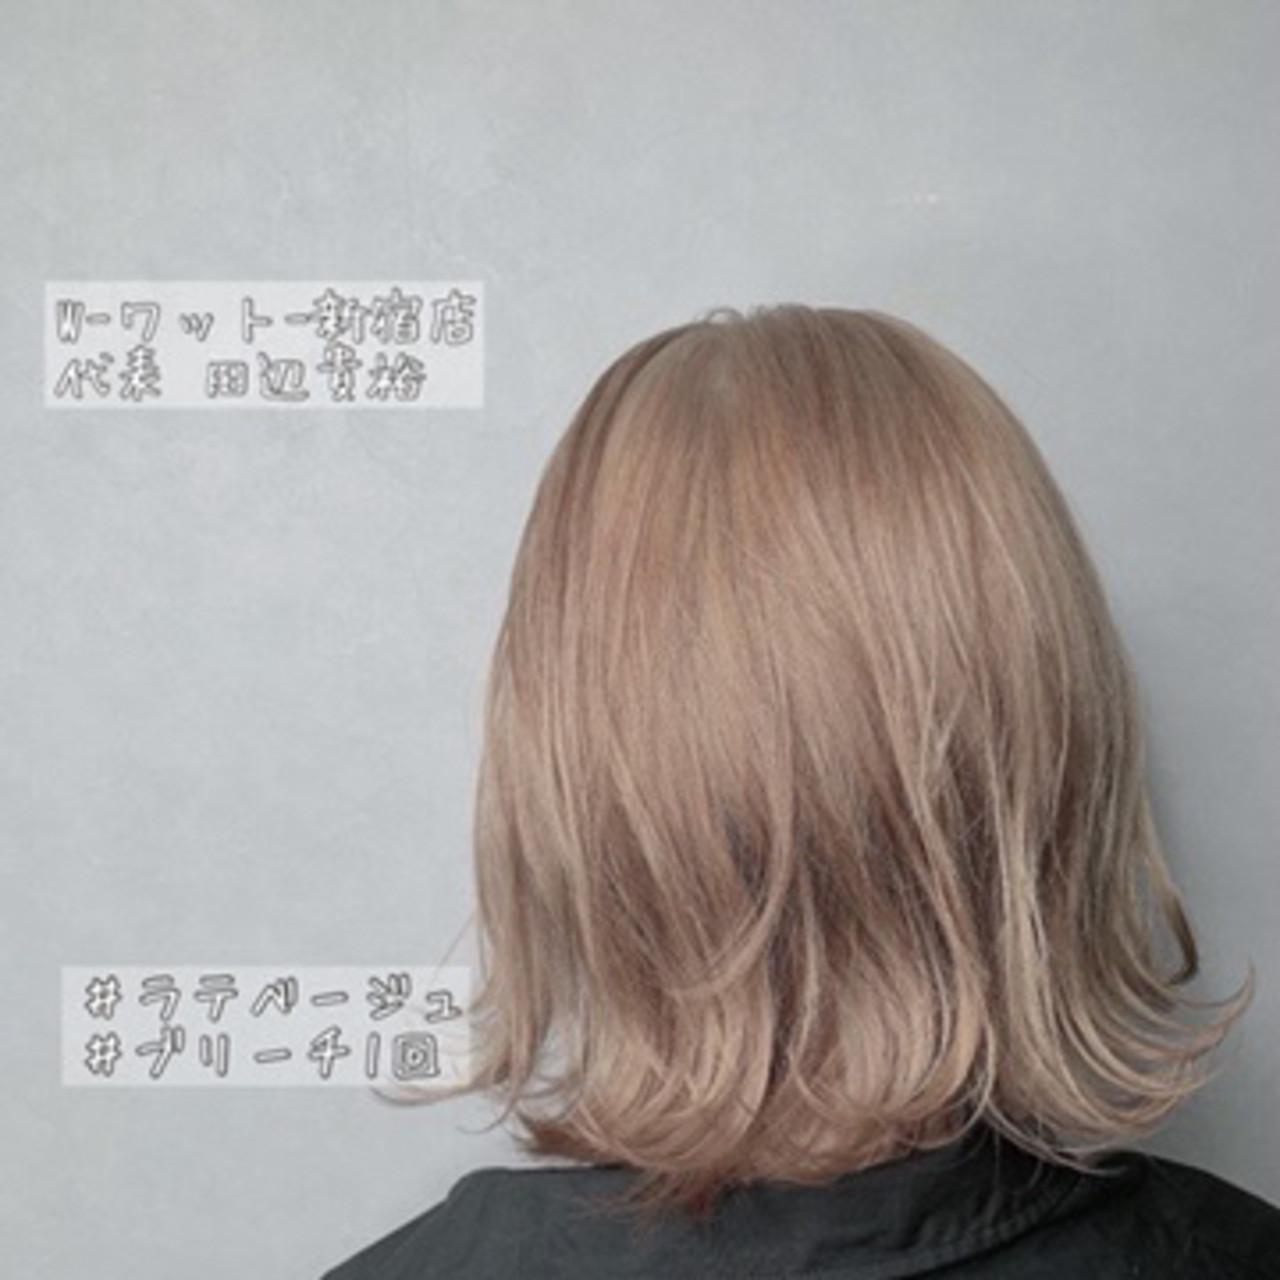 デート 切りっぱなしボブ ミニボブ 透明感カラー ヘアスタイルや髪型の写真・画像 | 田辺貴裕 / W-ワット-新宿店